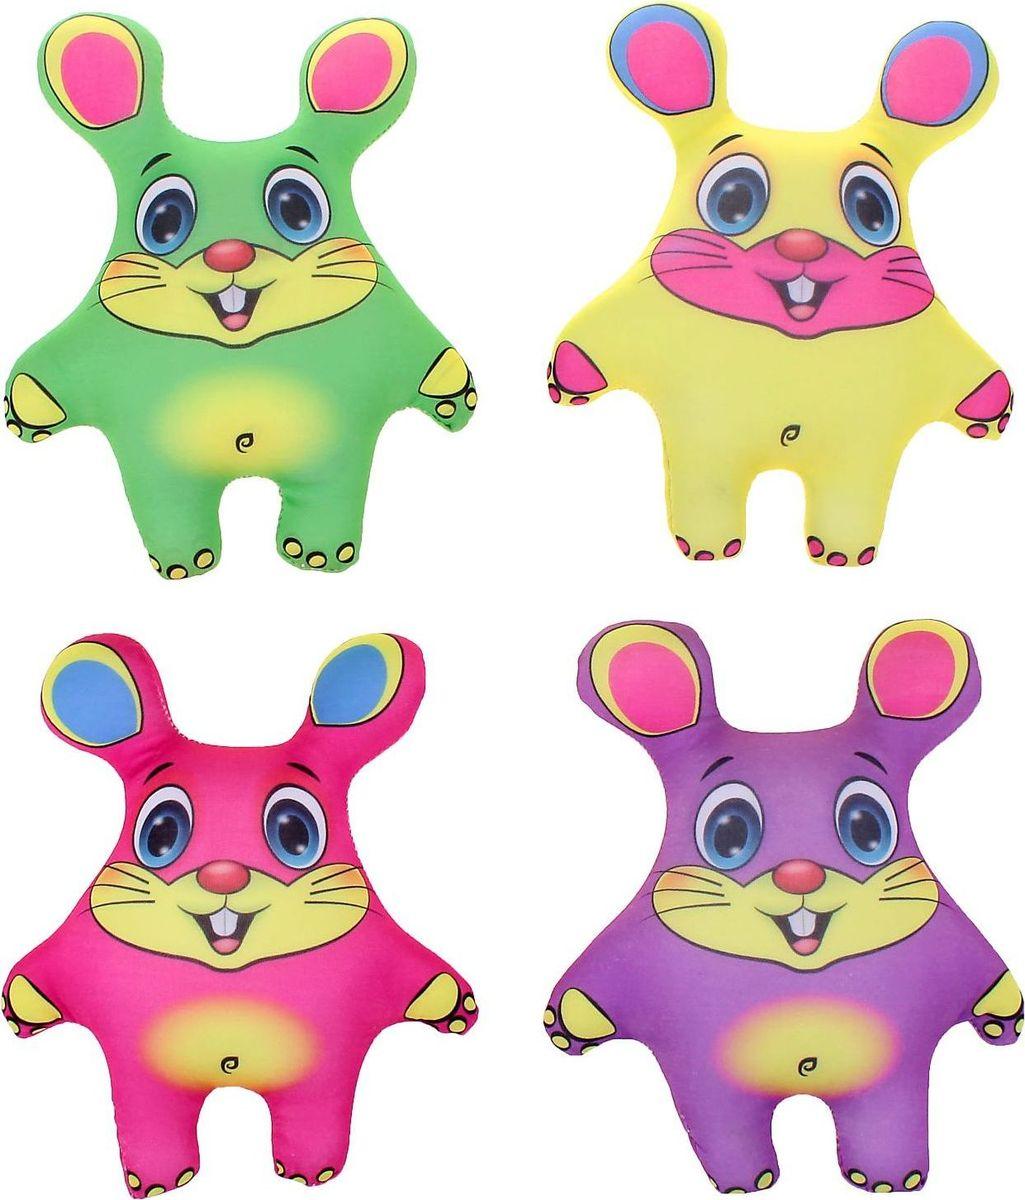 Sima-land Антистрессовая игрушка Мыши цветные 4 шт sima land антистрессовая игрушка заяц хрустик 05 цвет красный